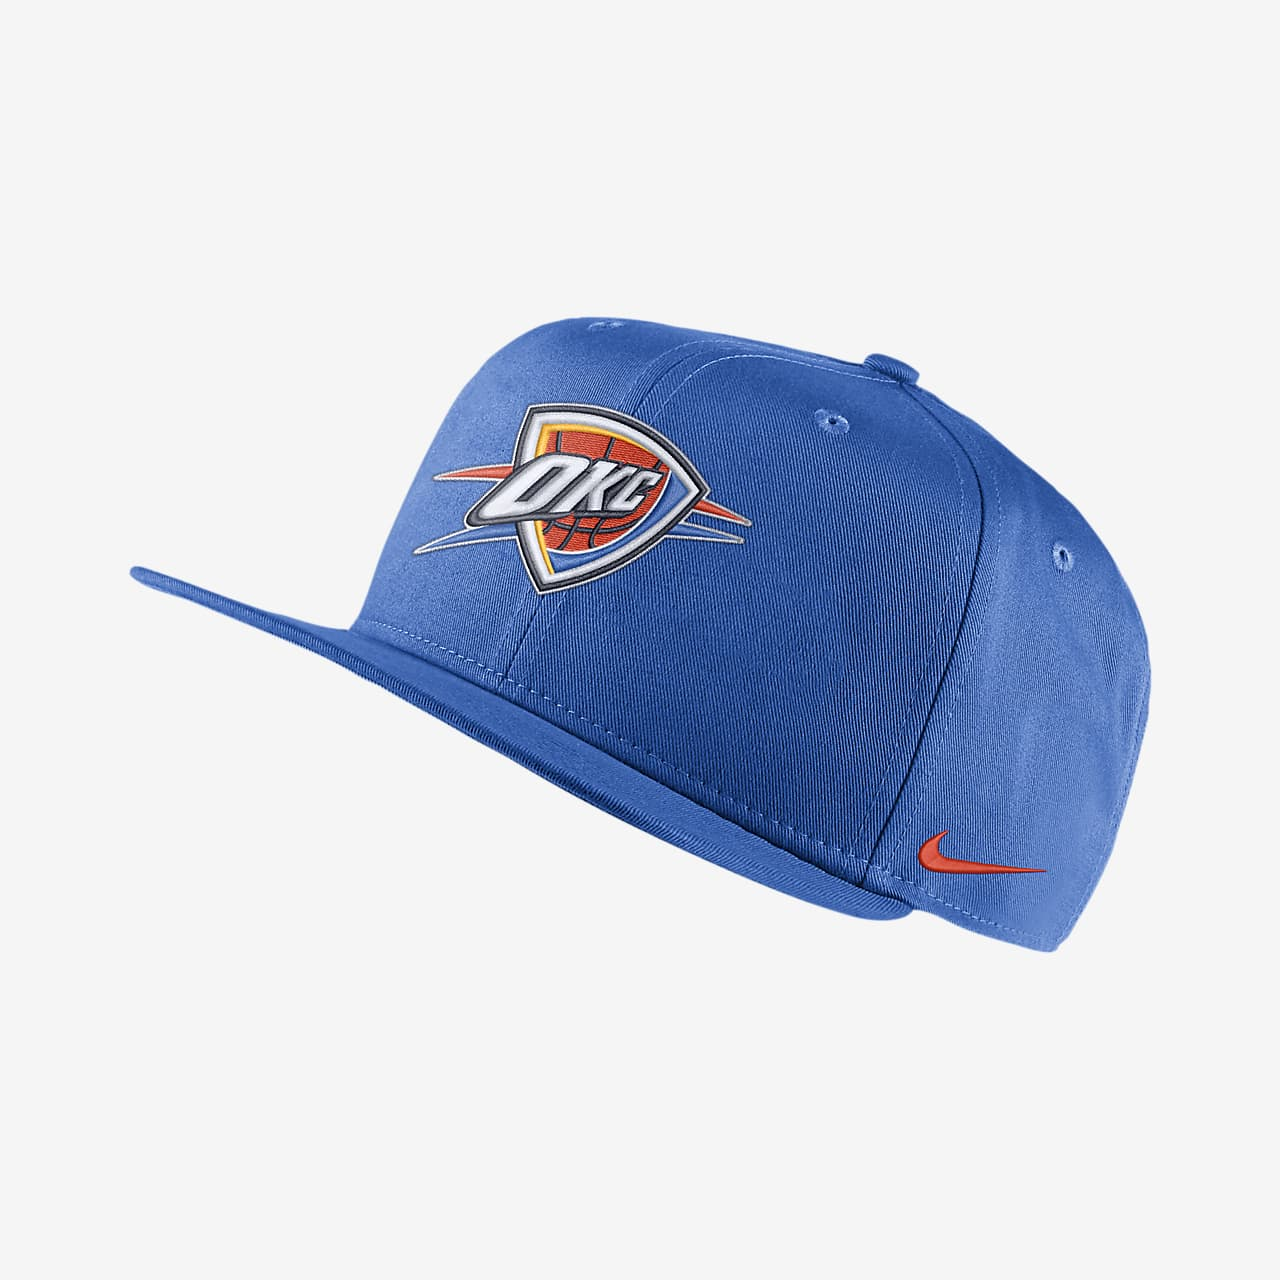 Oklahoma City Thunder Nike Pro NBA Cap